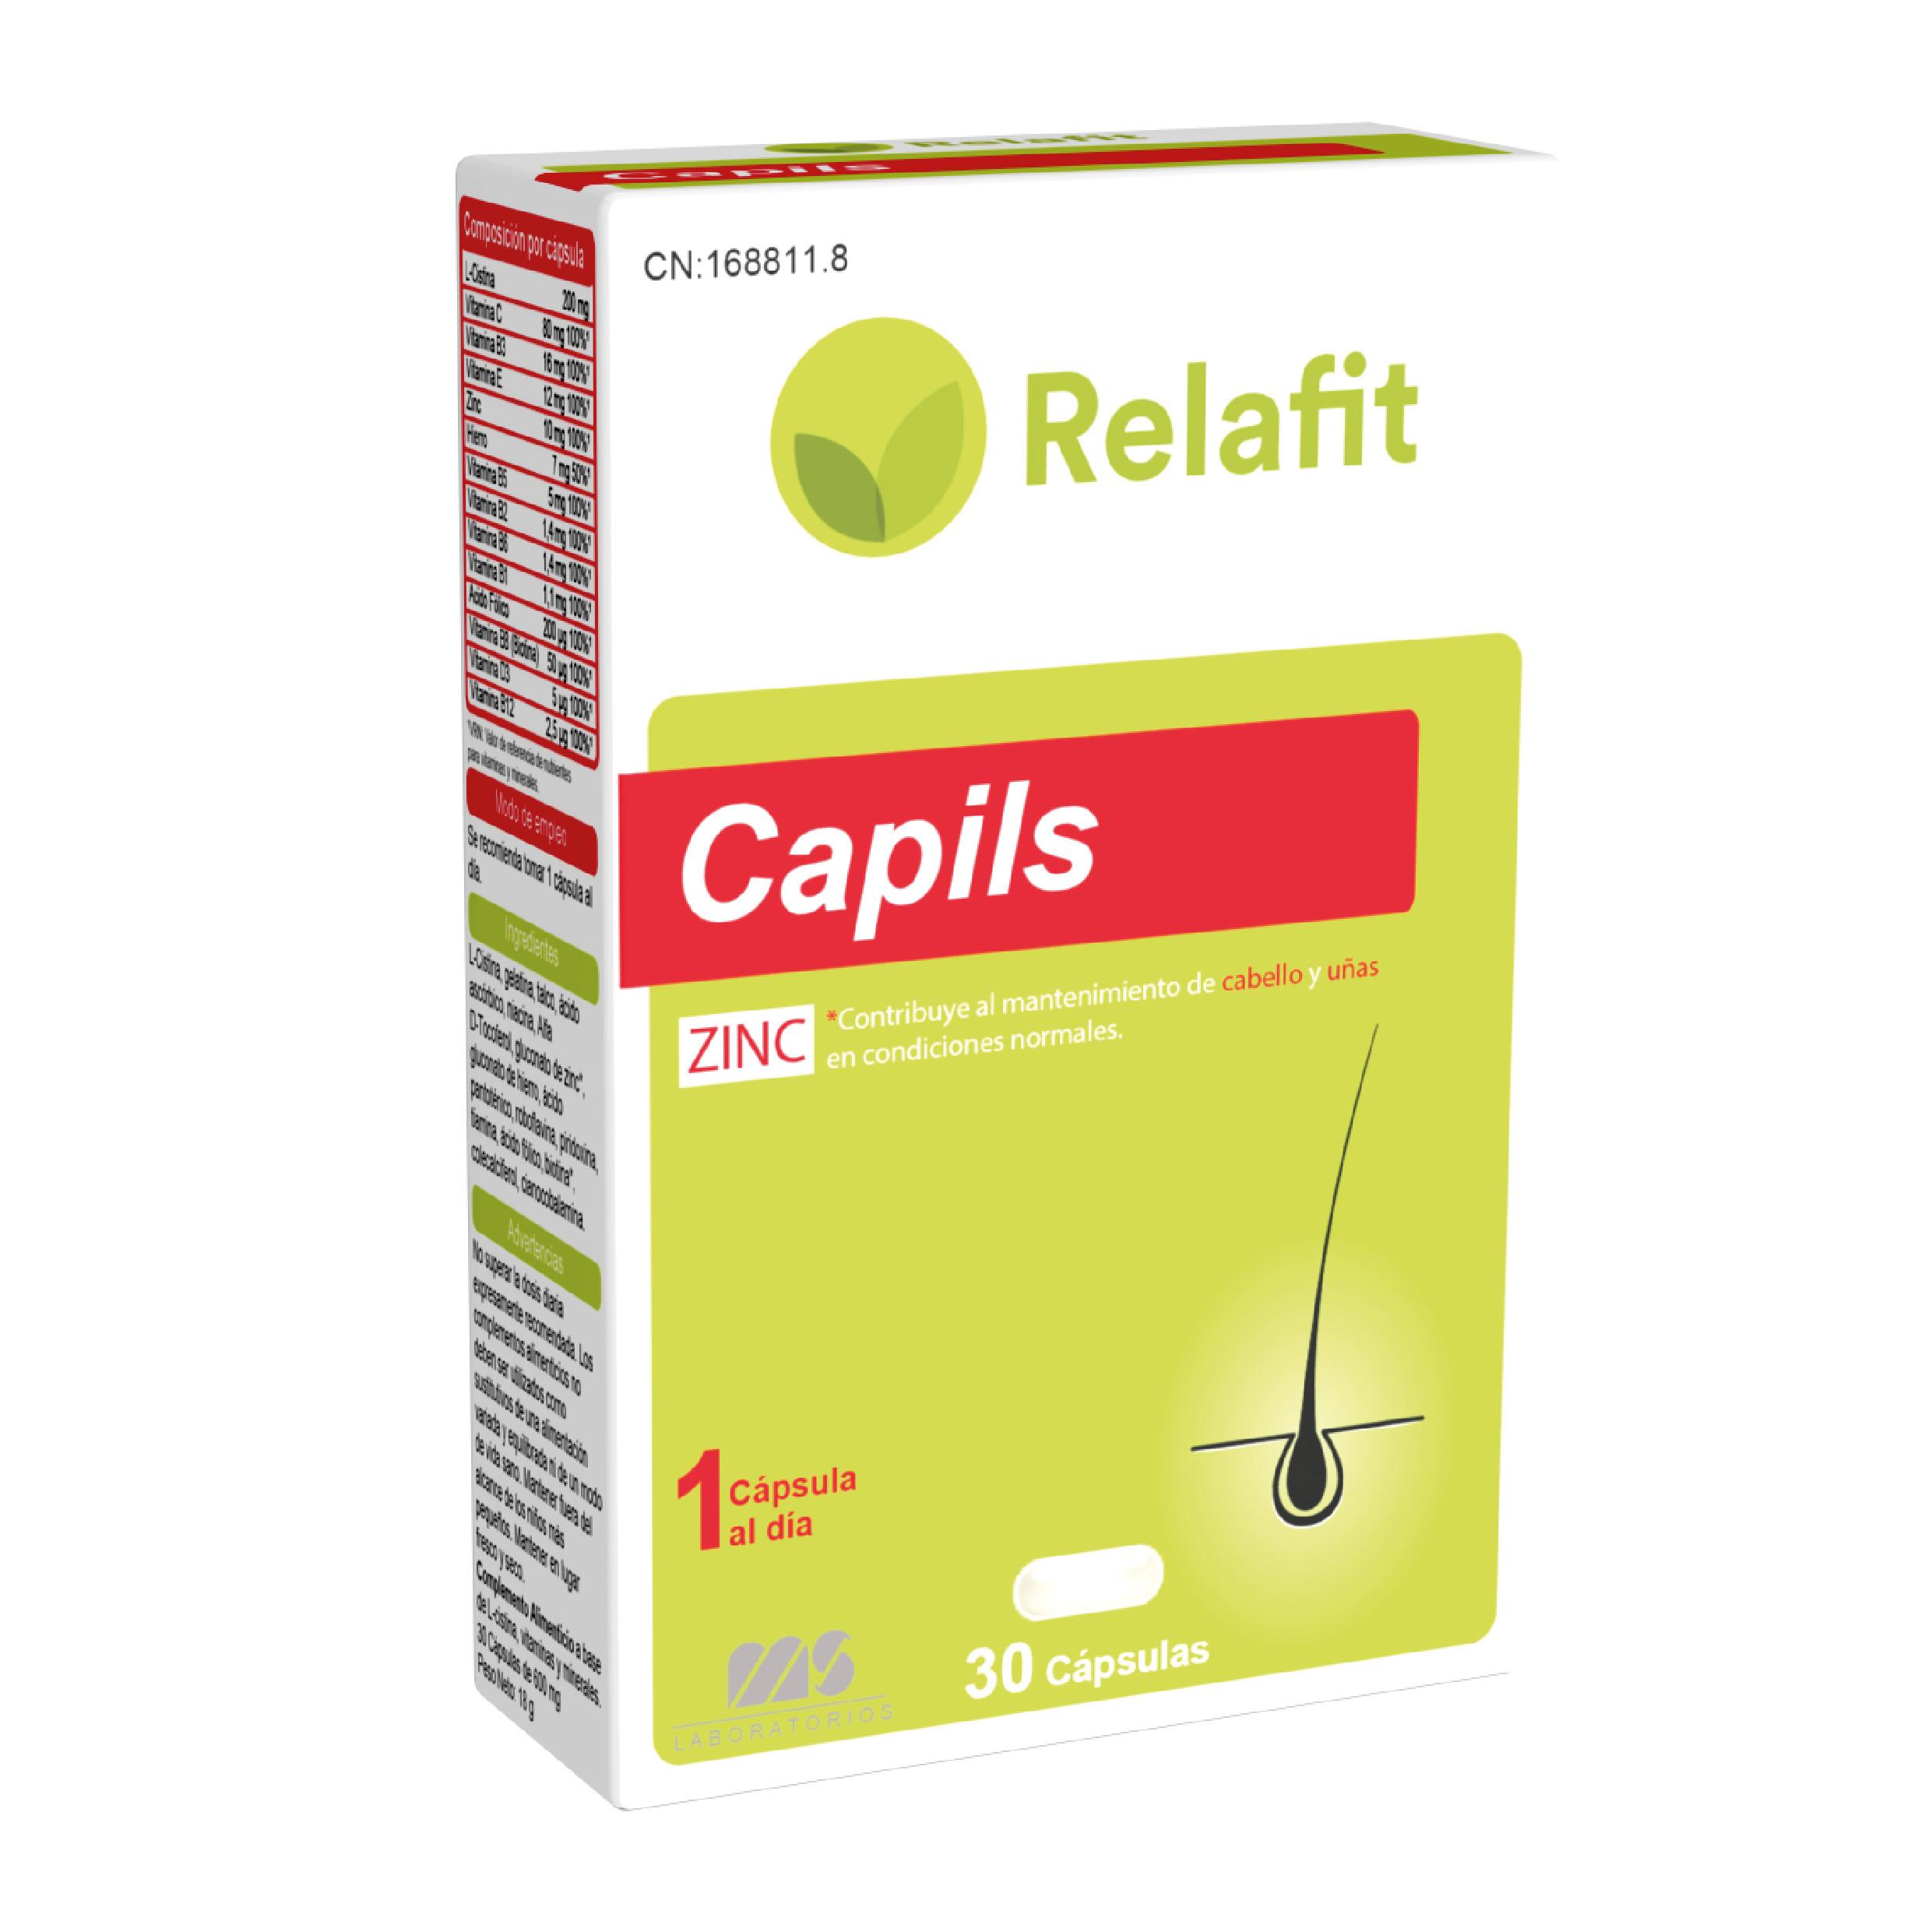 Capils